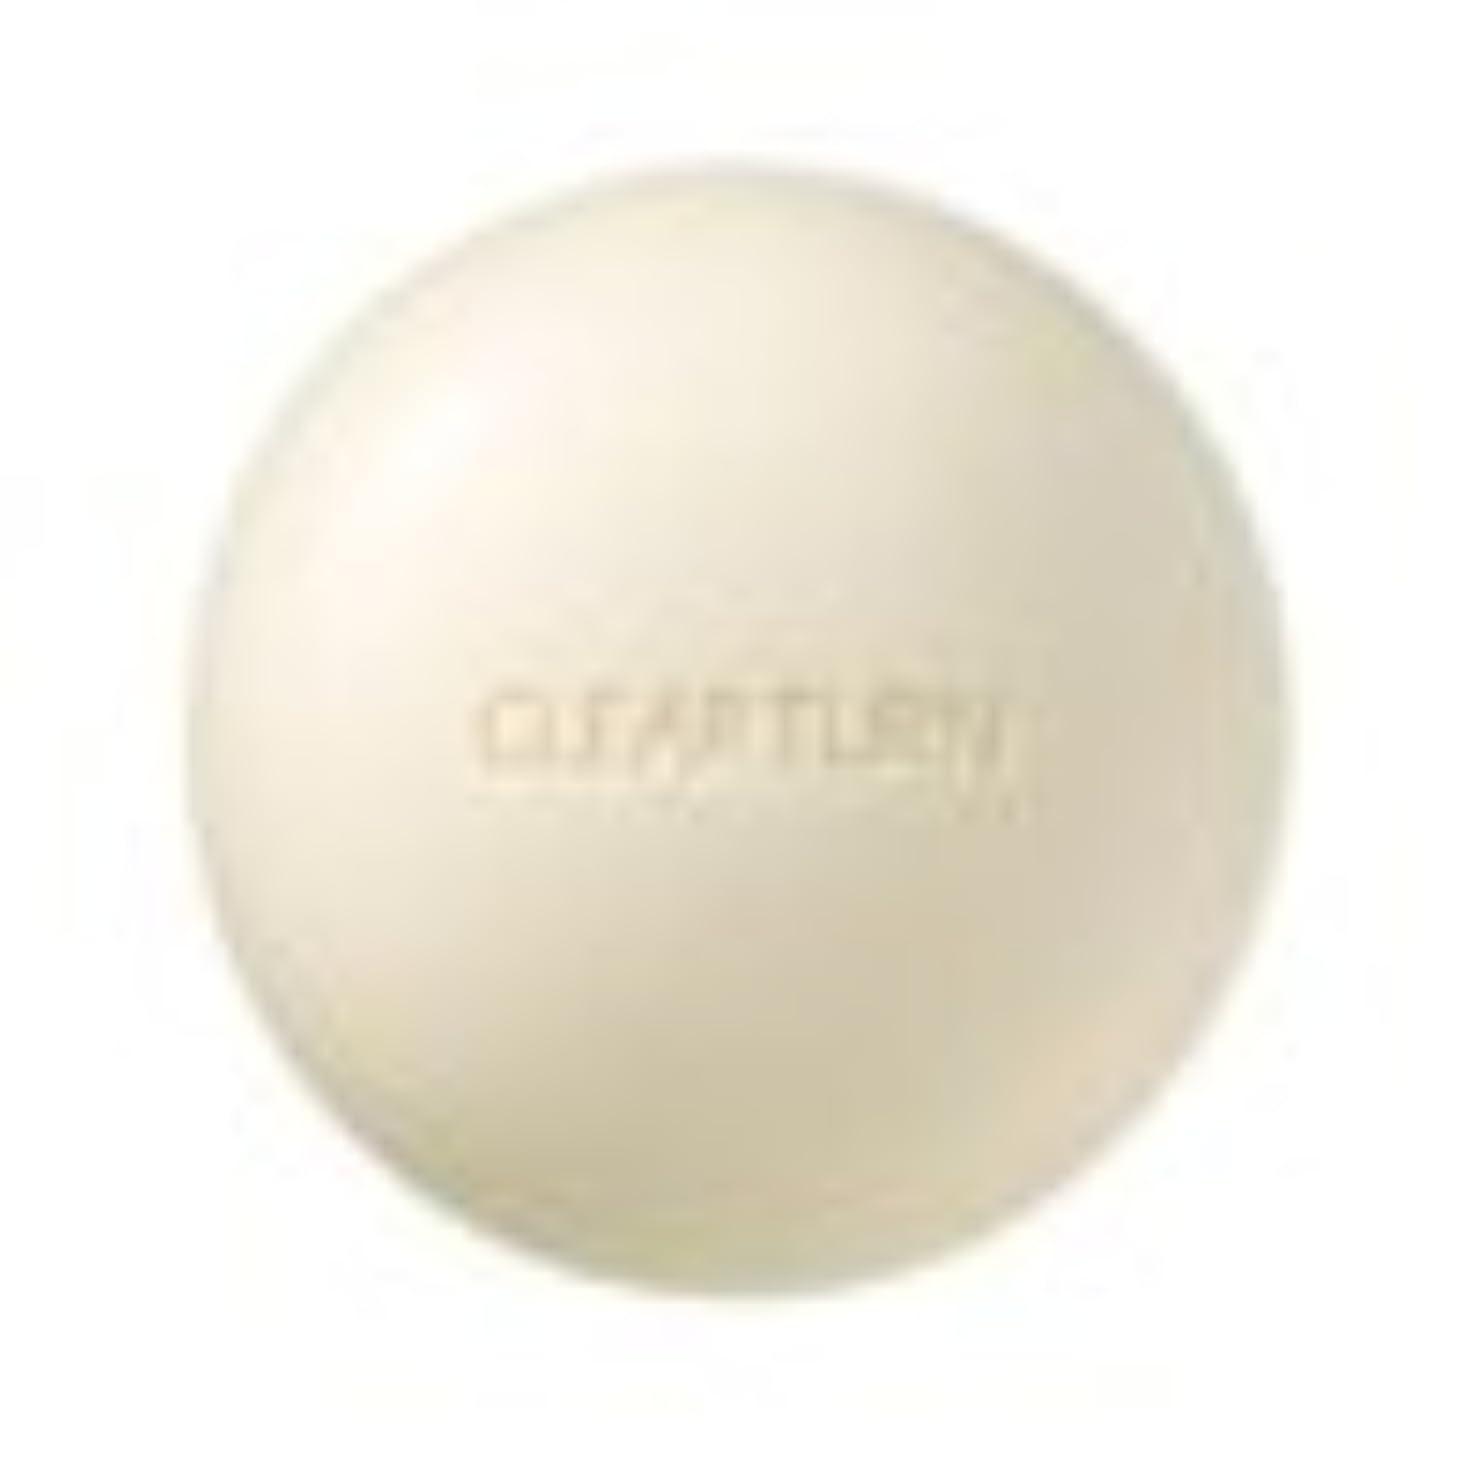 クリエ クリアターン EX クリアスムースソープ 100g 洗顔石鹸 無香料